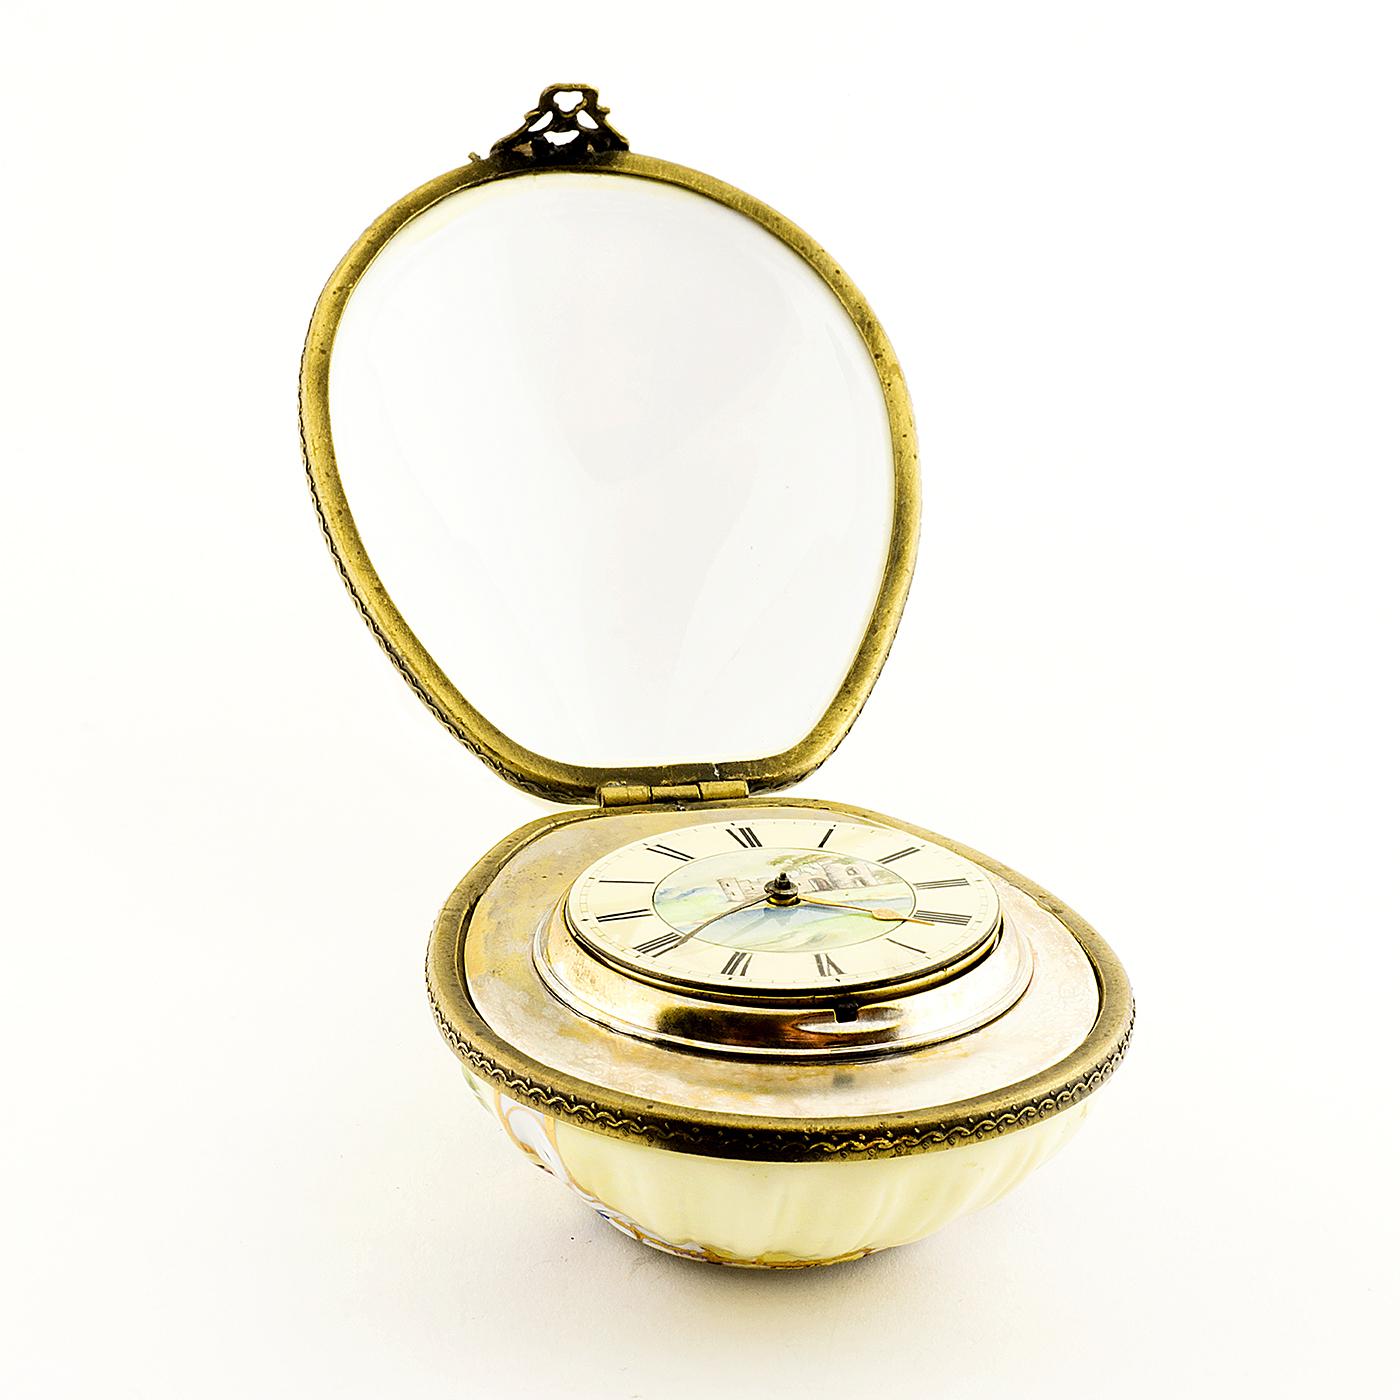 William Wood, Liverpool - reloj de bolsillo - sobremesa. Siglo XIX.